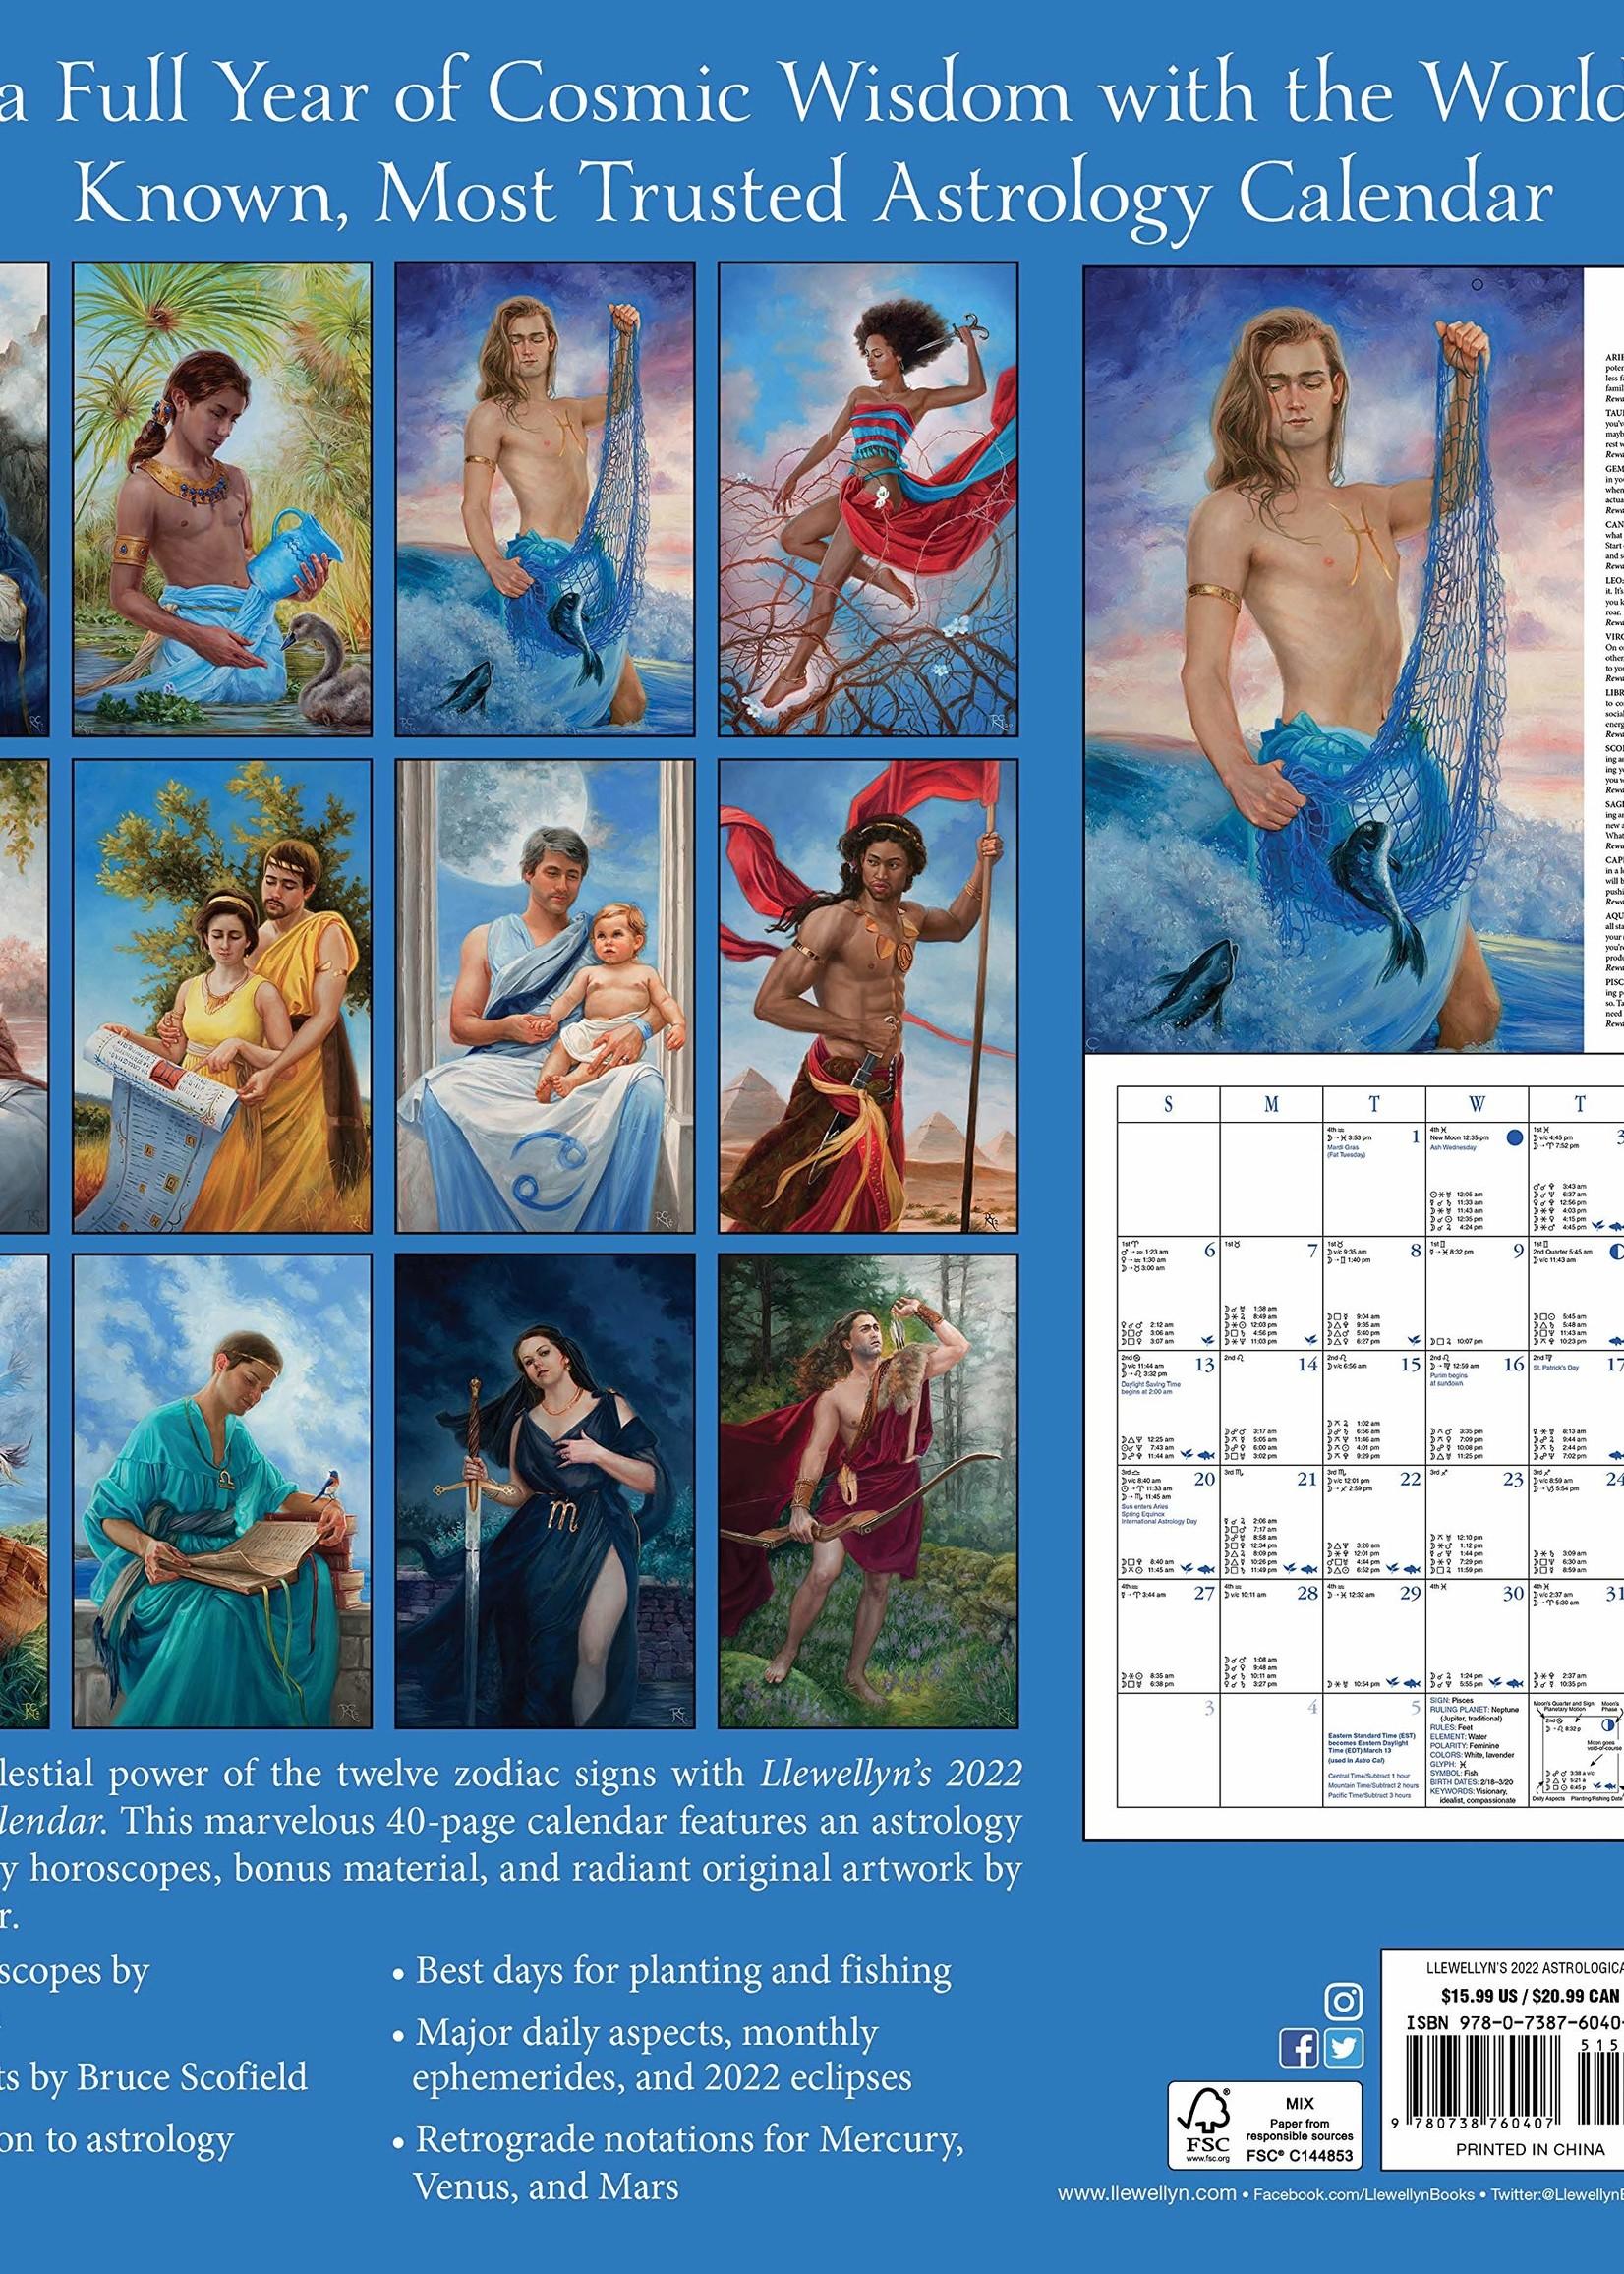 Cal 22 Lewellyn's Astrological Calendar